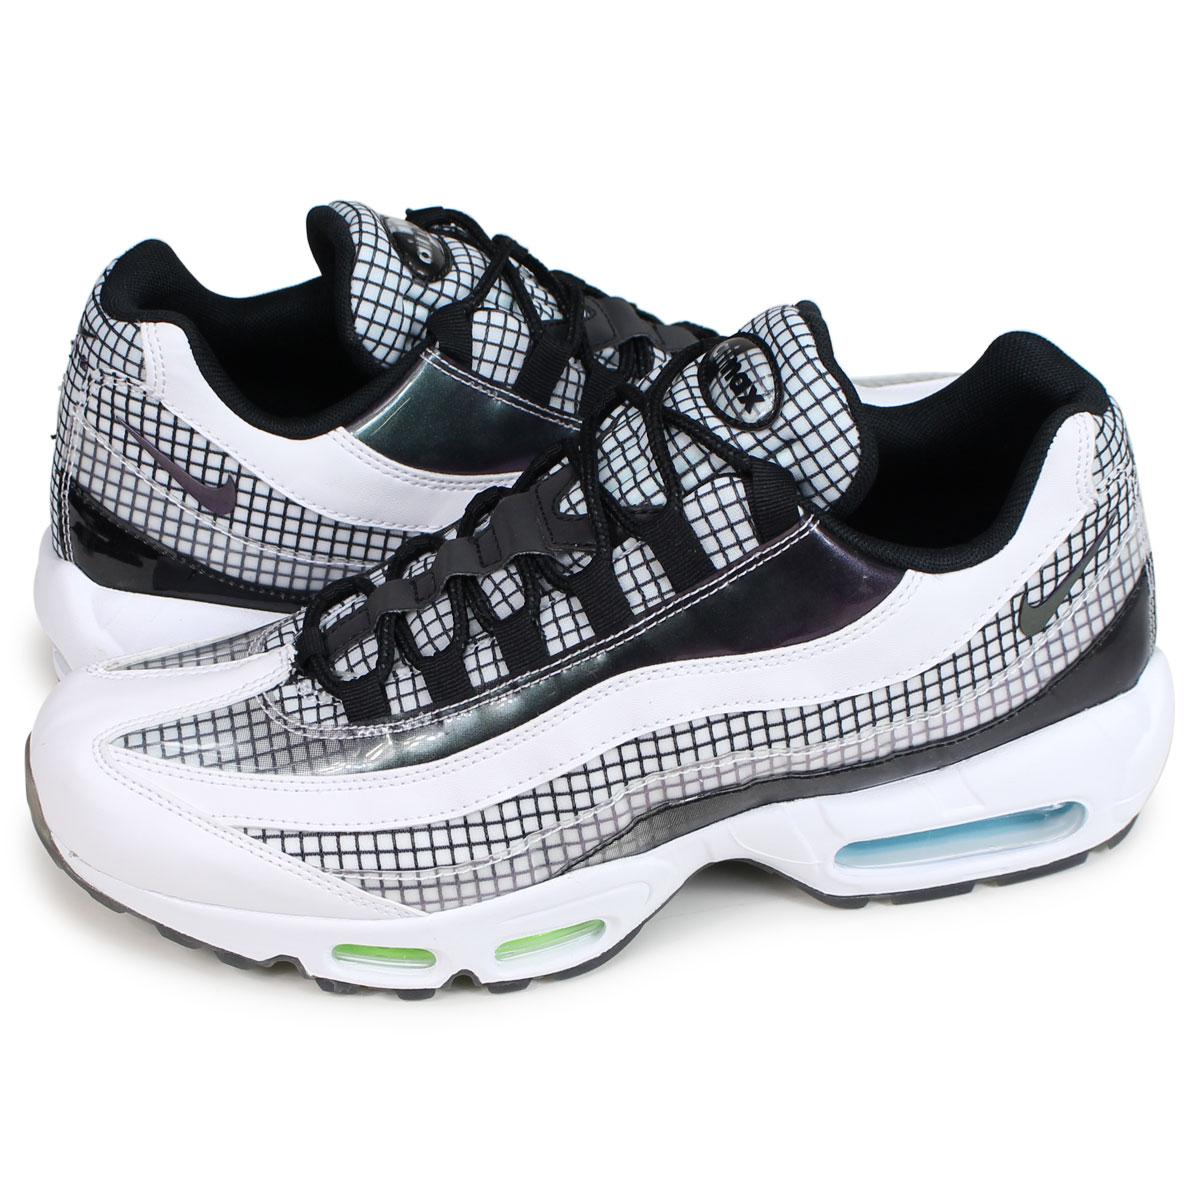 d7b128a3a4 Nike NIKE Air Max 95 sneakers men AIR MAX 95 LV8 white AO2450-100 ...